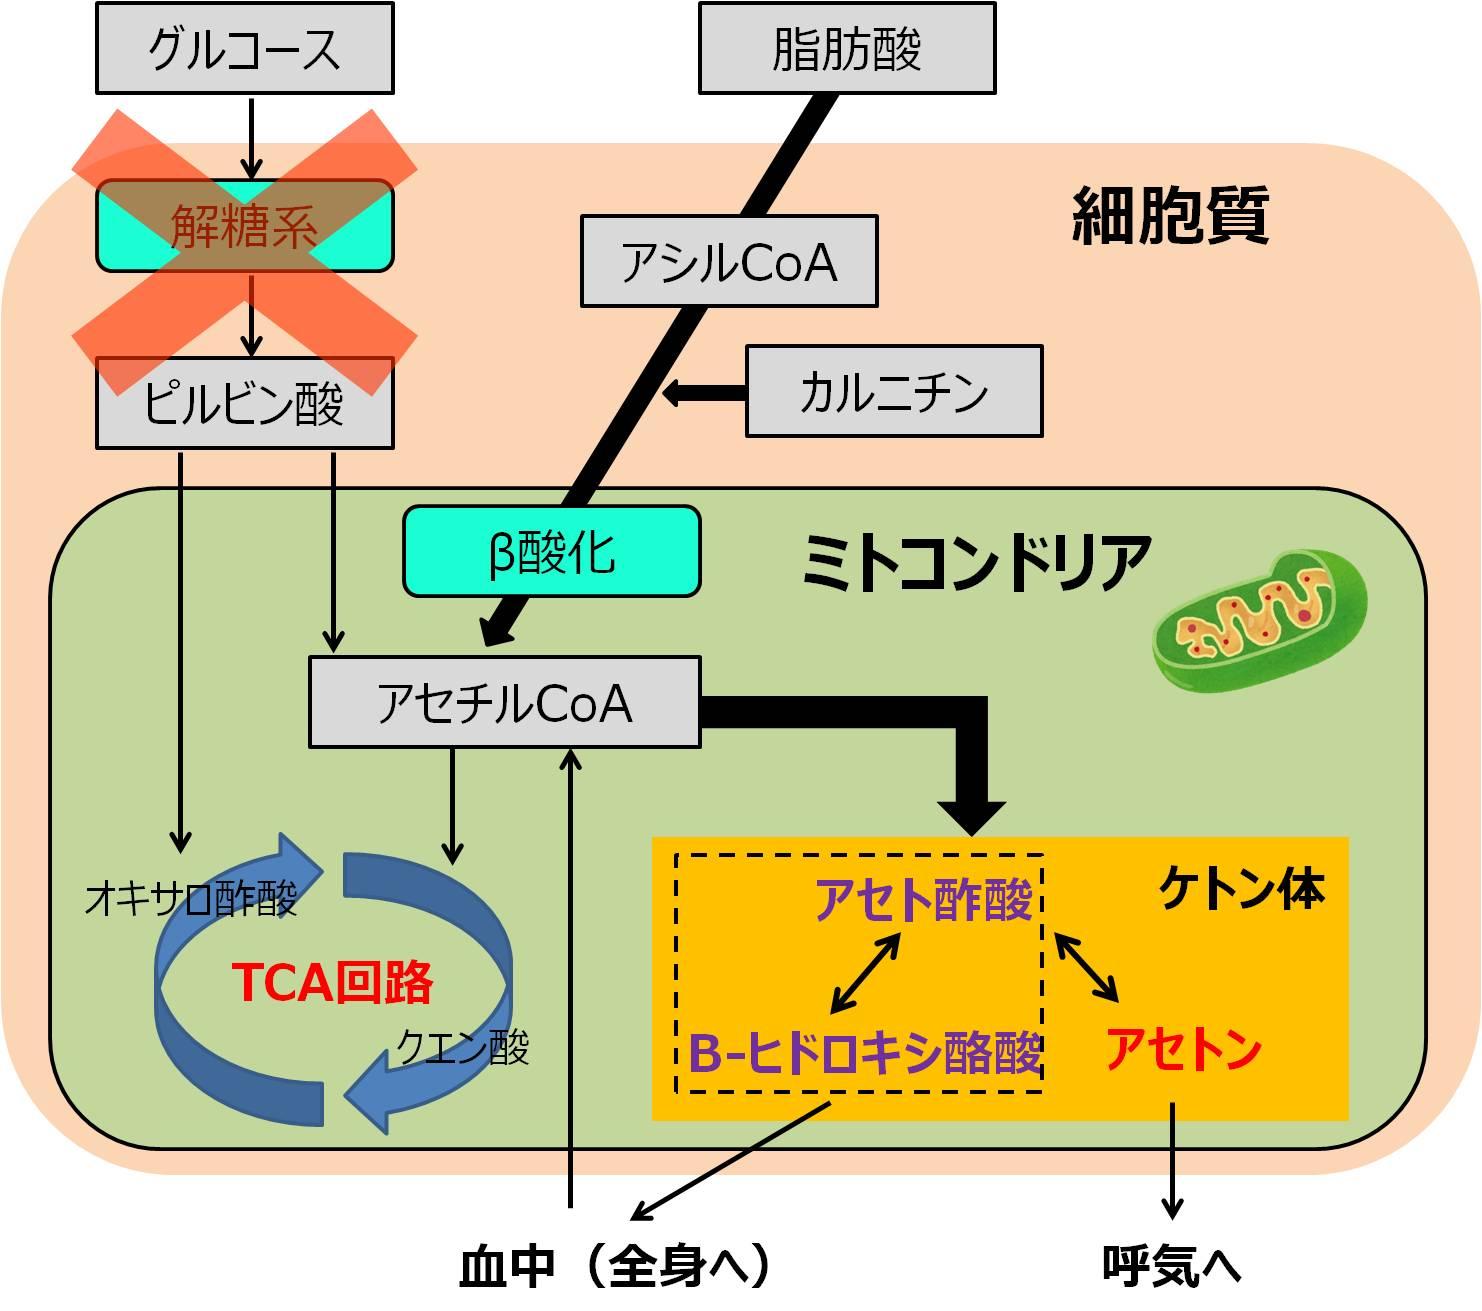 ケトン体 脂肪酸 代謝